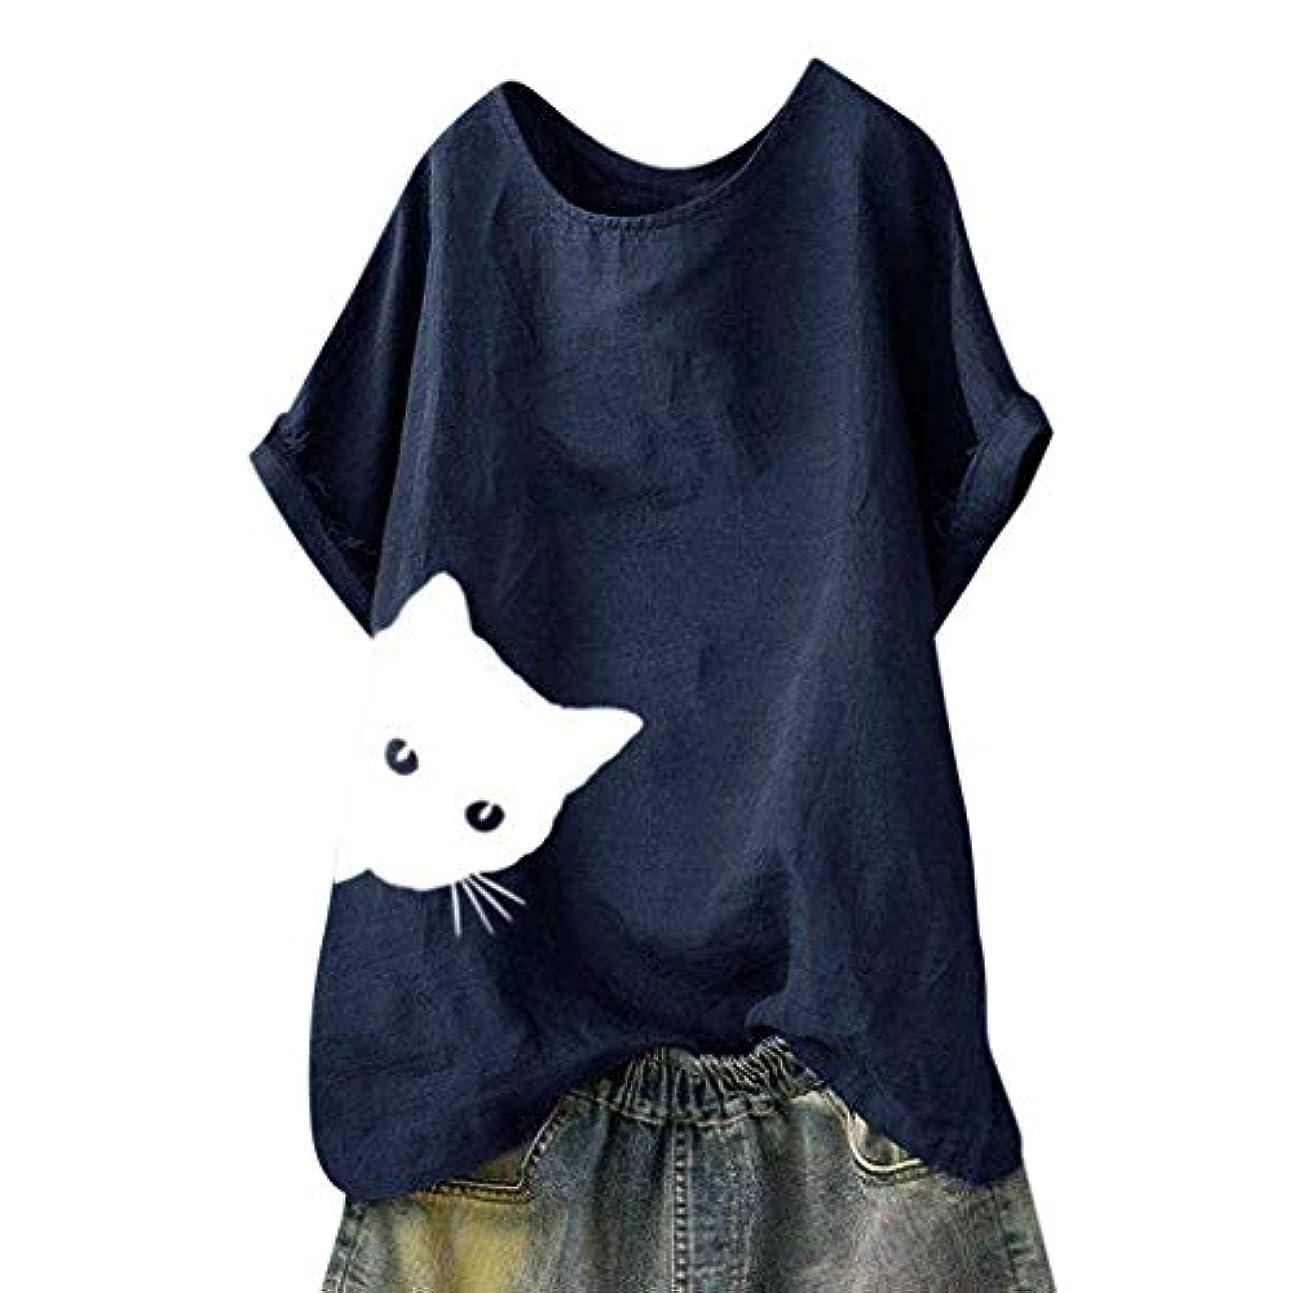 眩惑する珍しいエンジンメンズ Tシャツ 可愛い ねこ柄 白t ストライプ模様 春夏秋 若者 気質 おしゃれ 夏服 多選択 猫模様 カジュアル 半袖 面白い 動物 ゆったり シンプル トップス 通勤 旅行 アウトドア tシャツ 人気